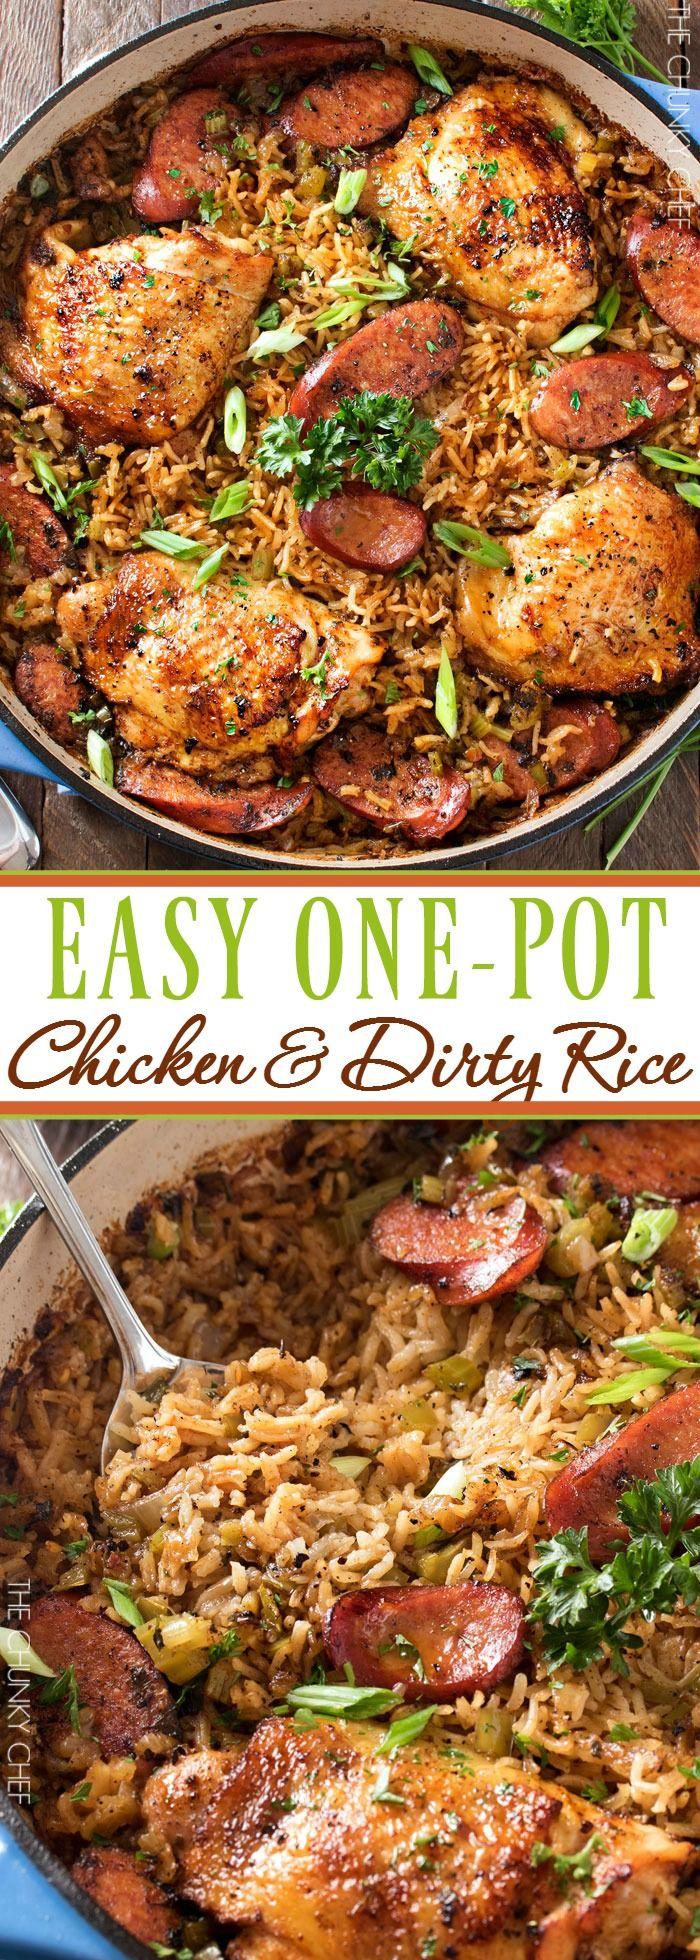 849 Best Chicken Turkey Duck Etc Images On Pinterest